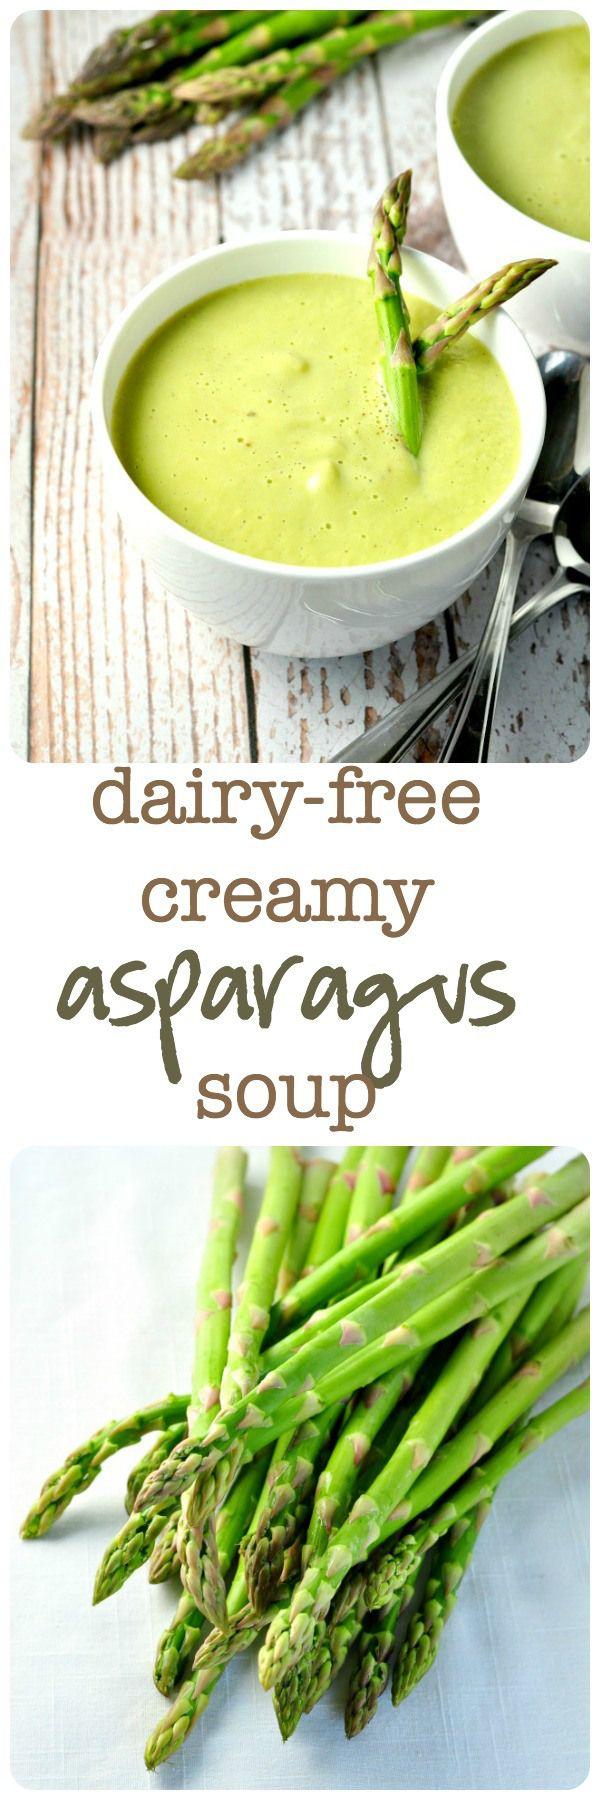 Creamy Asparagus Soup--with no dairy! |www.flavourandsavour.com